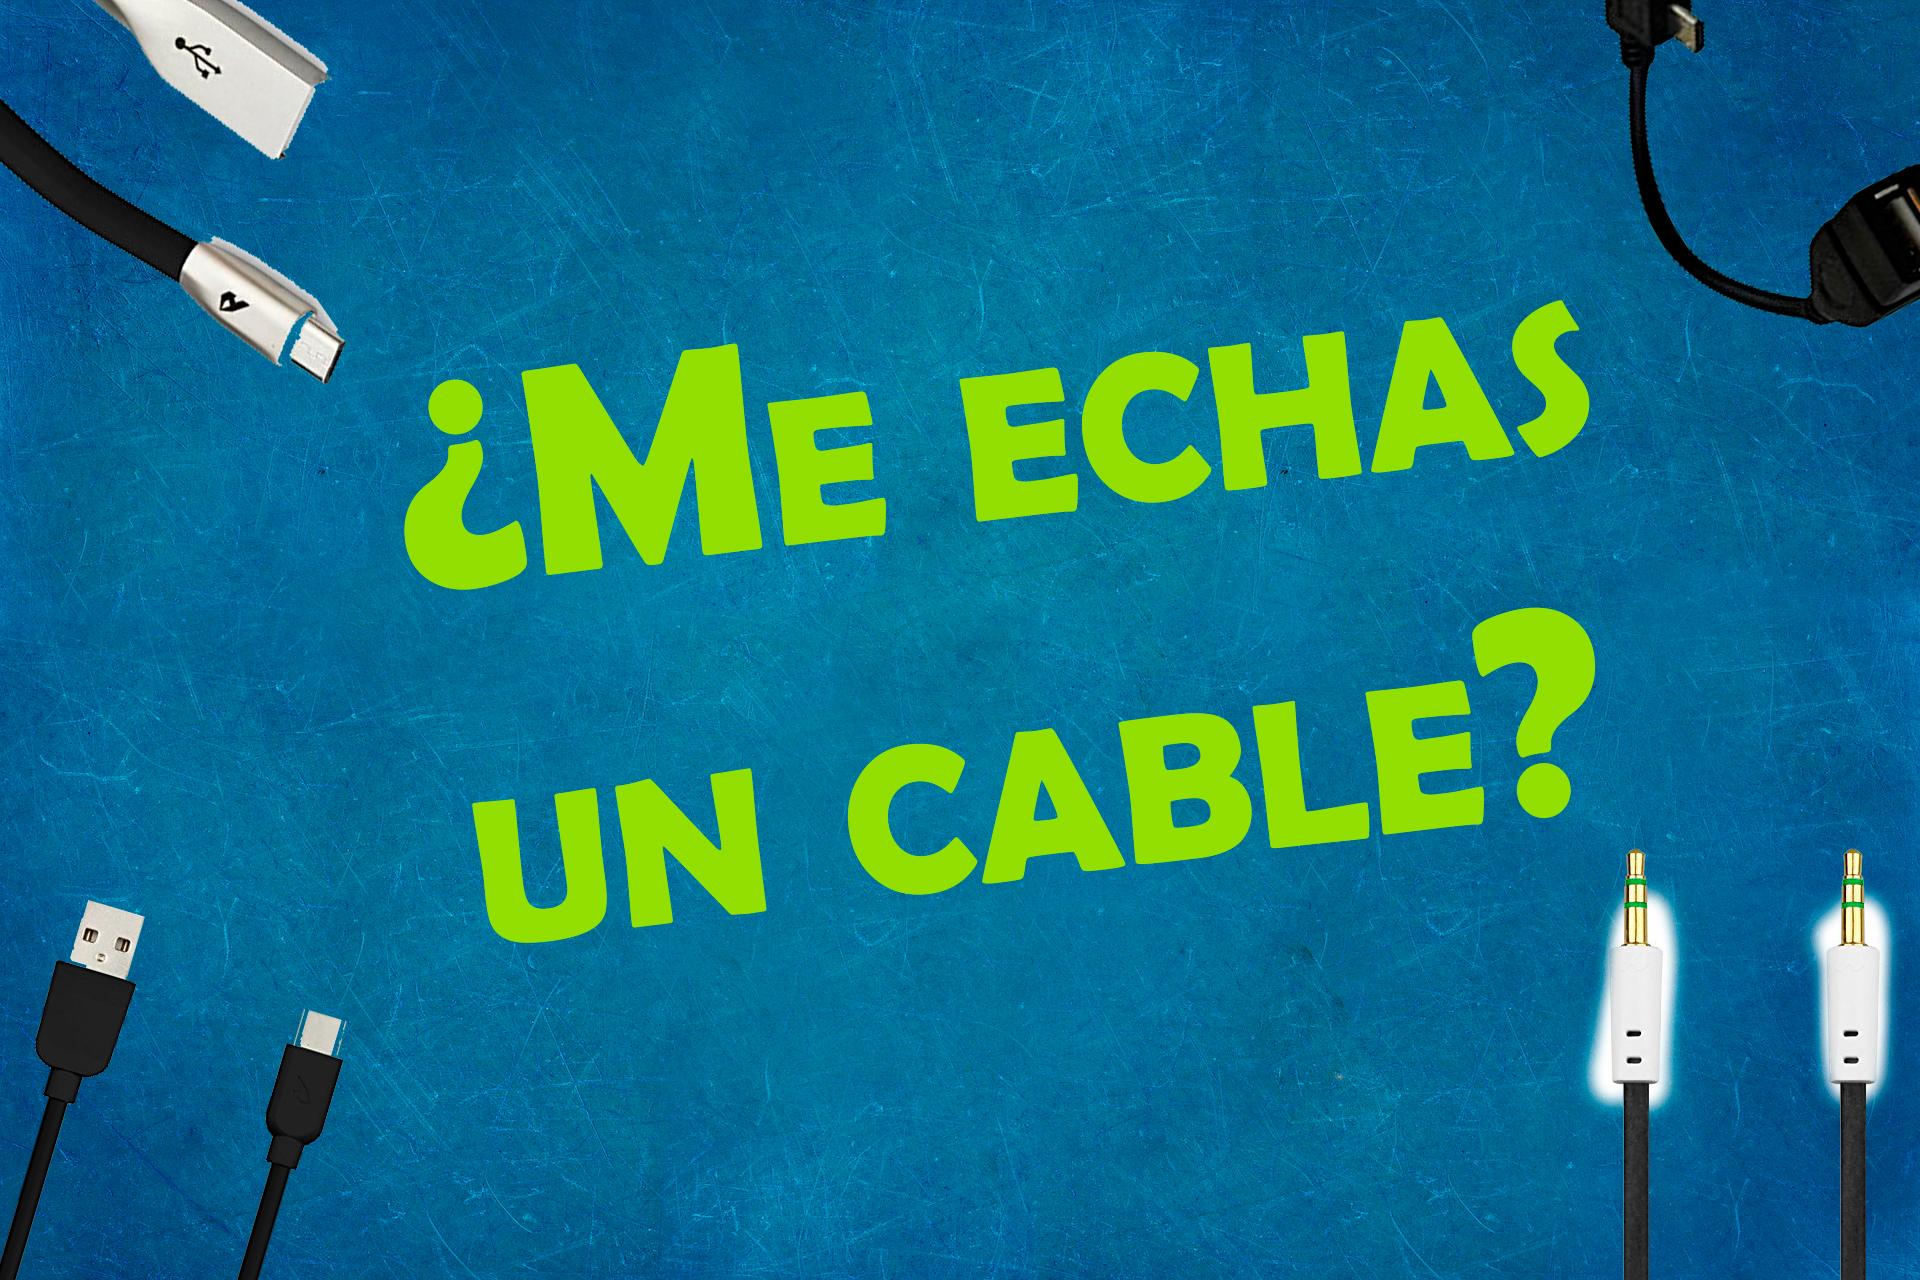 Cables desde 0,60€ con envío prime (y otros accesorios a miniprecios)